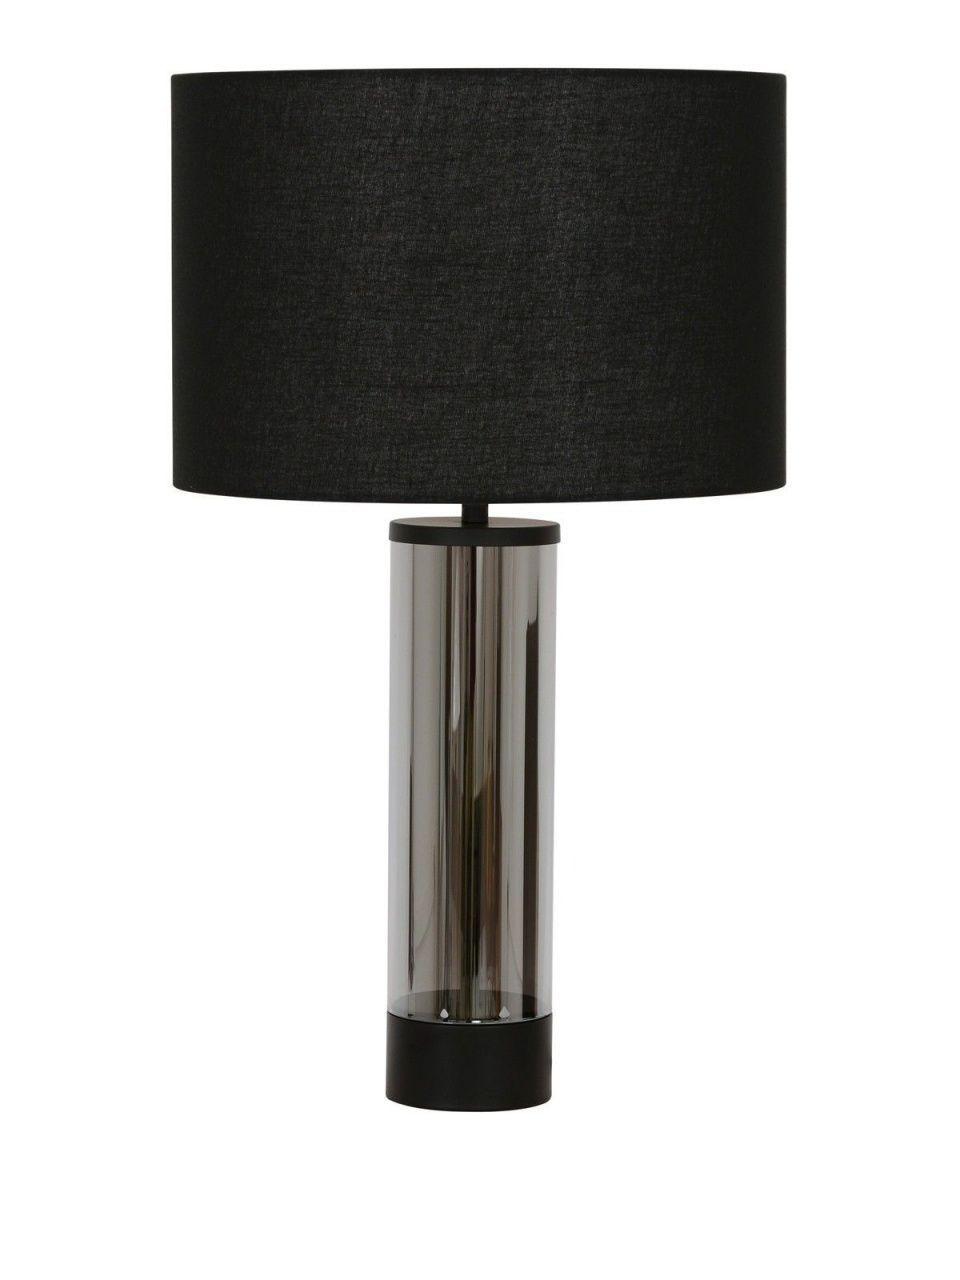 Desk Lamp With Usb Port Desk Glassofficedeskideas Lamp Port Usb Desk Glassofficede In 2020 Touch Table Lamps Table Lamp Ikea Table Lamp